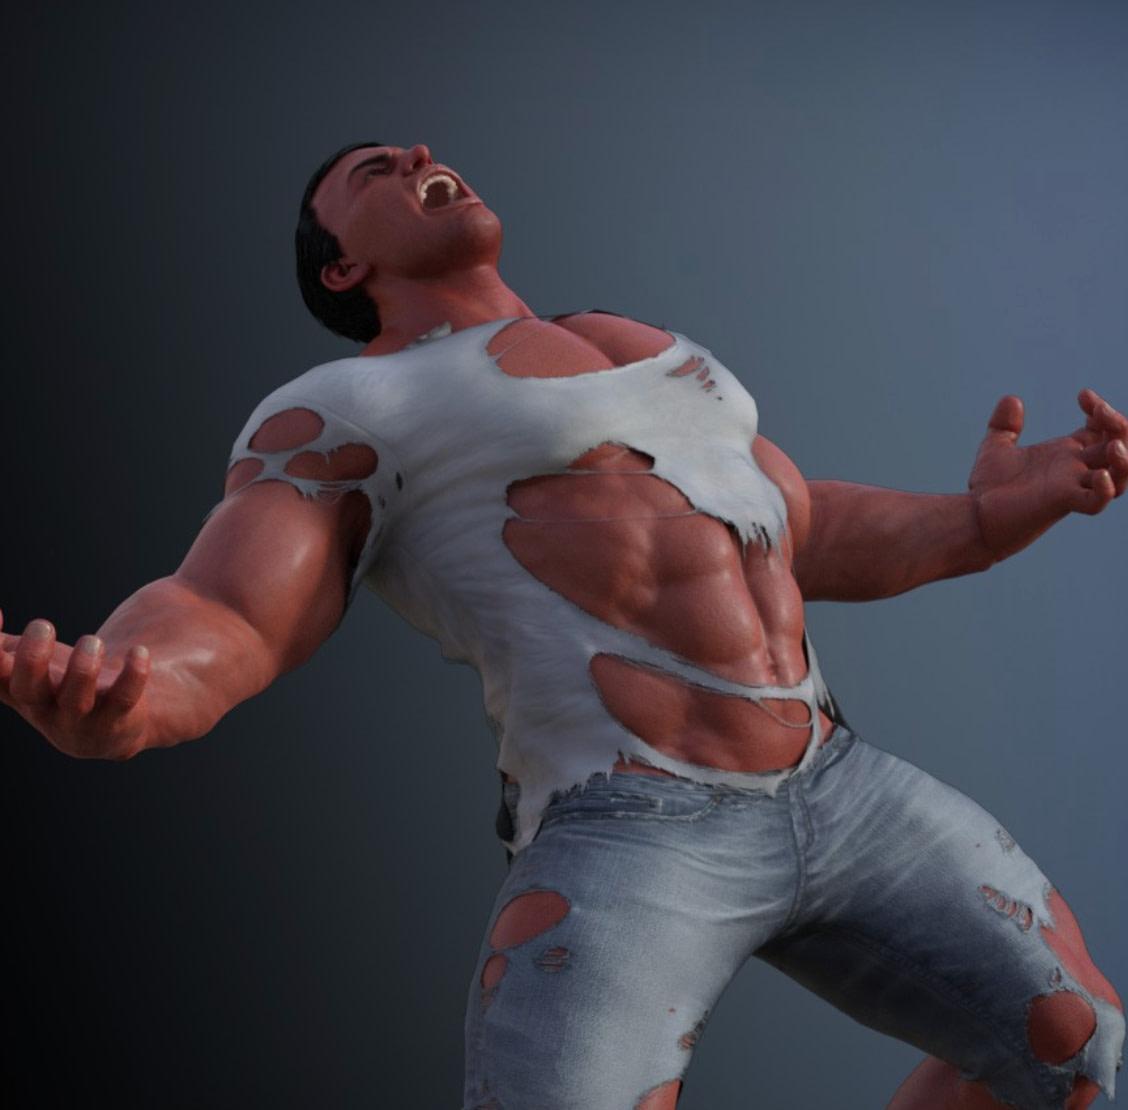 werwolf 3d torn clothes